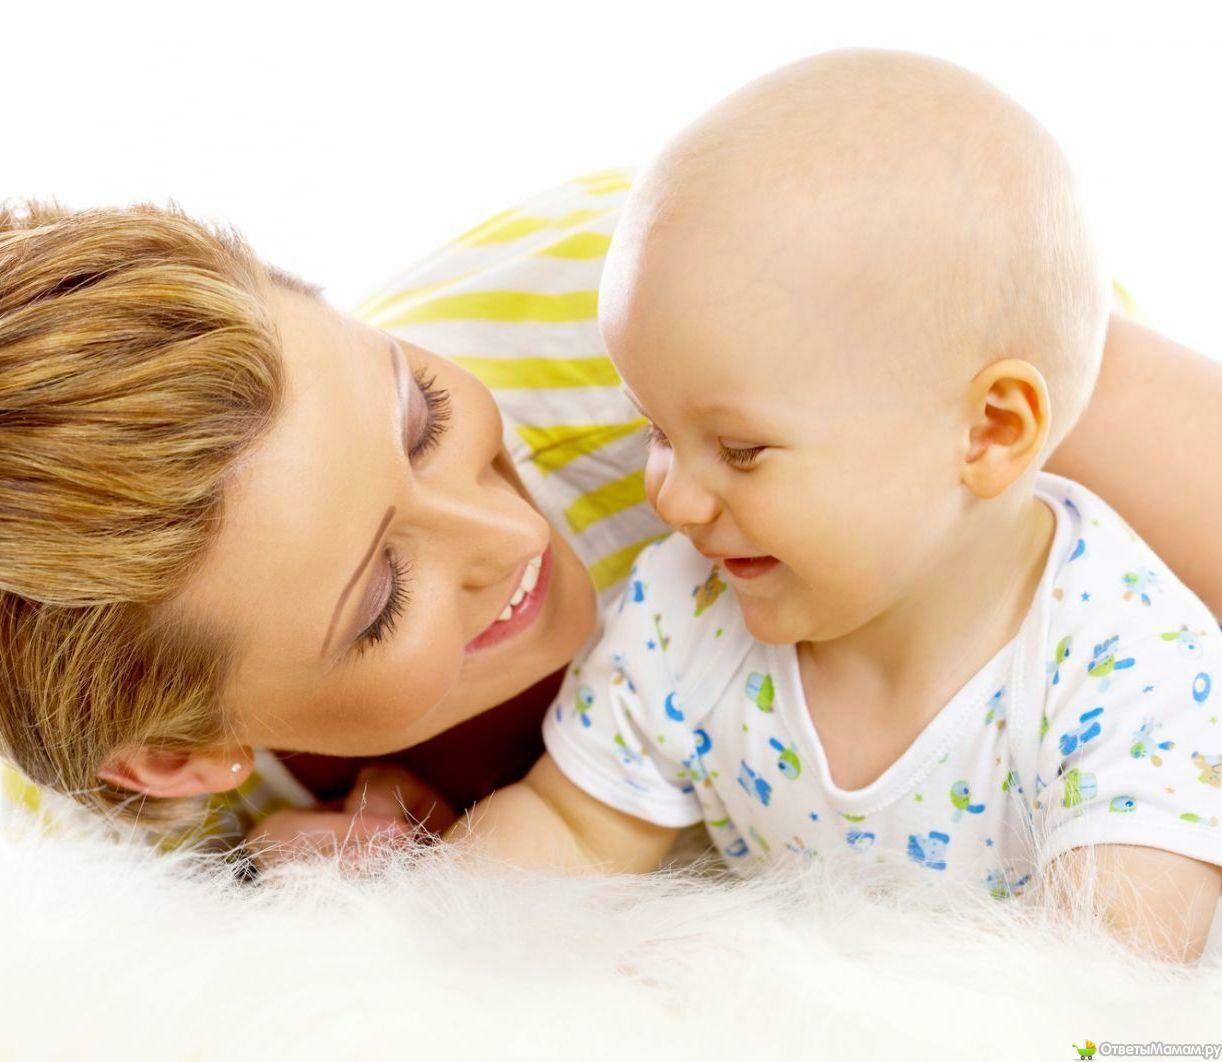 Нормальная температура у новорожденного до 1 месяца